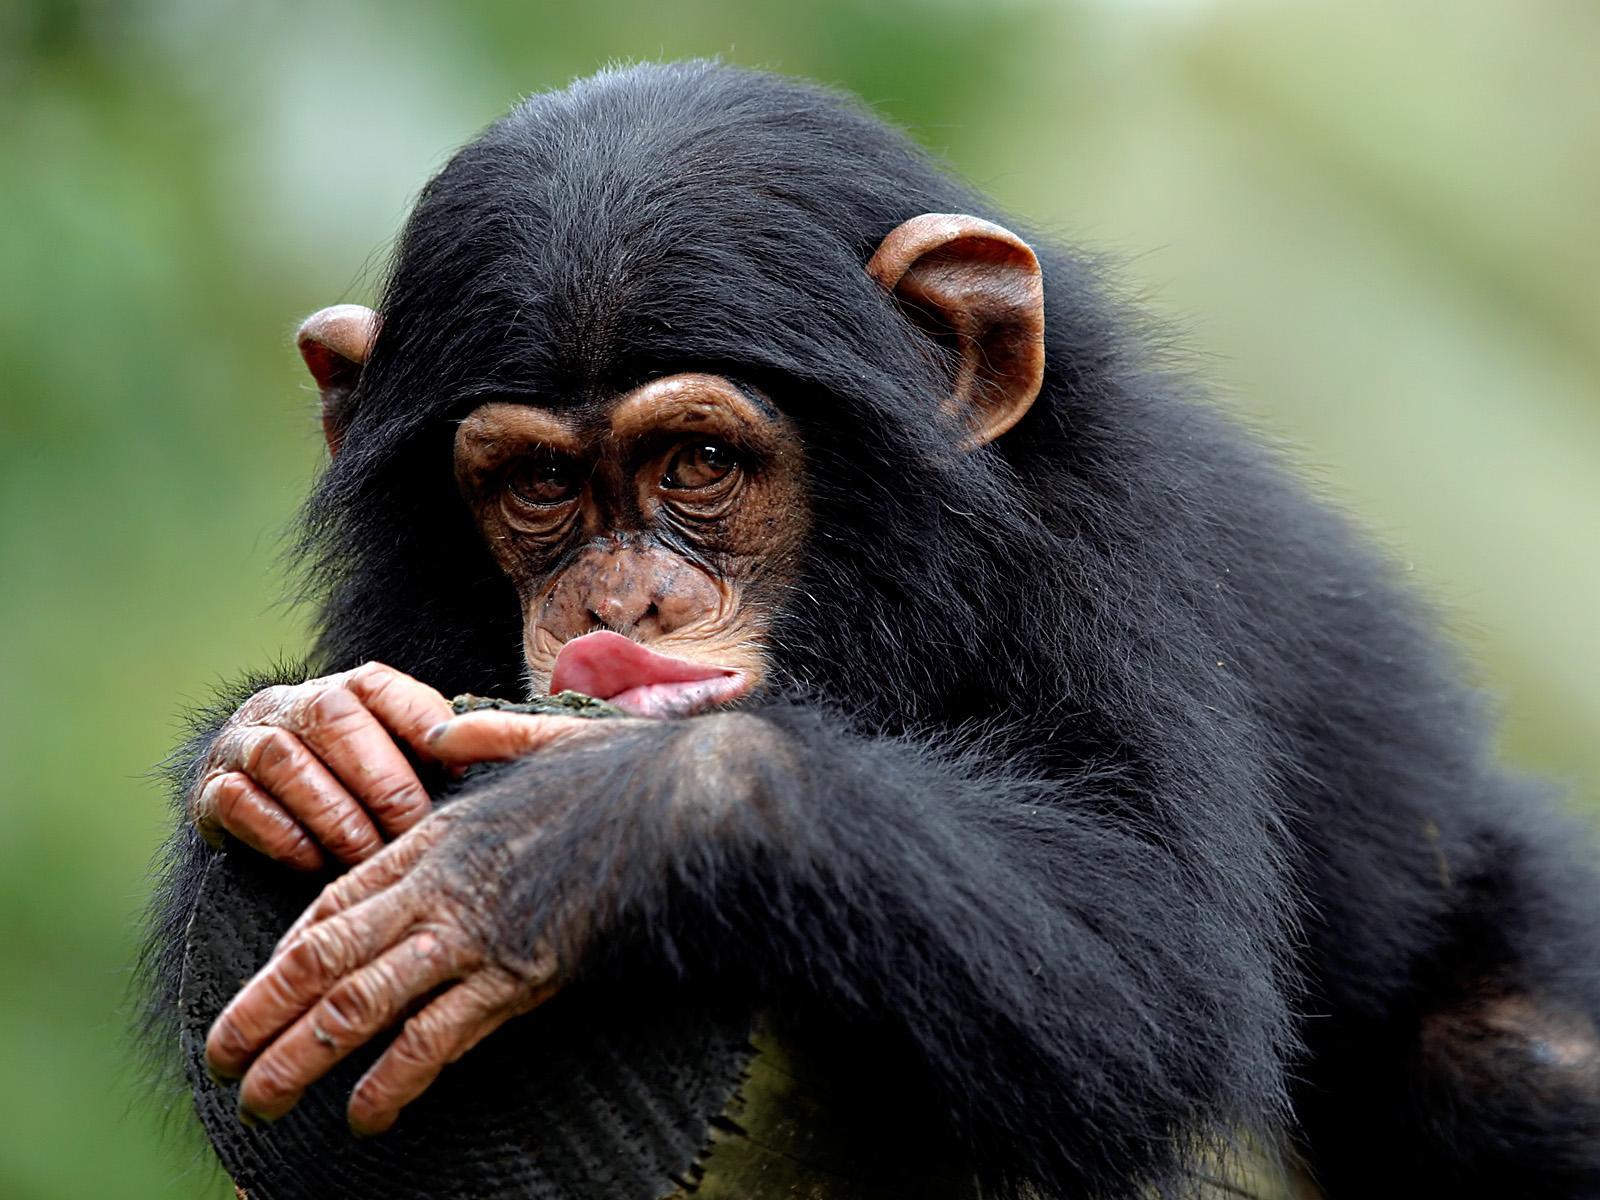 обезьянам показывали картинки